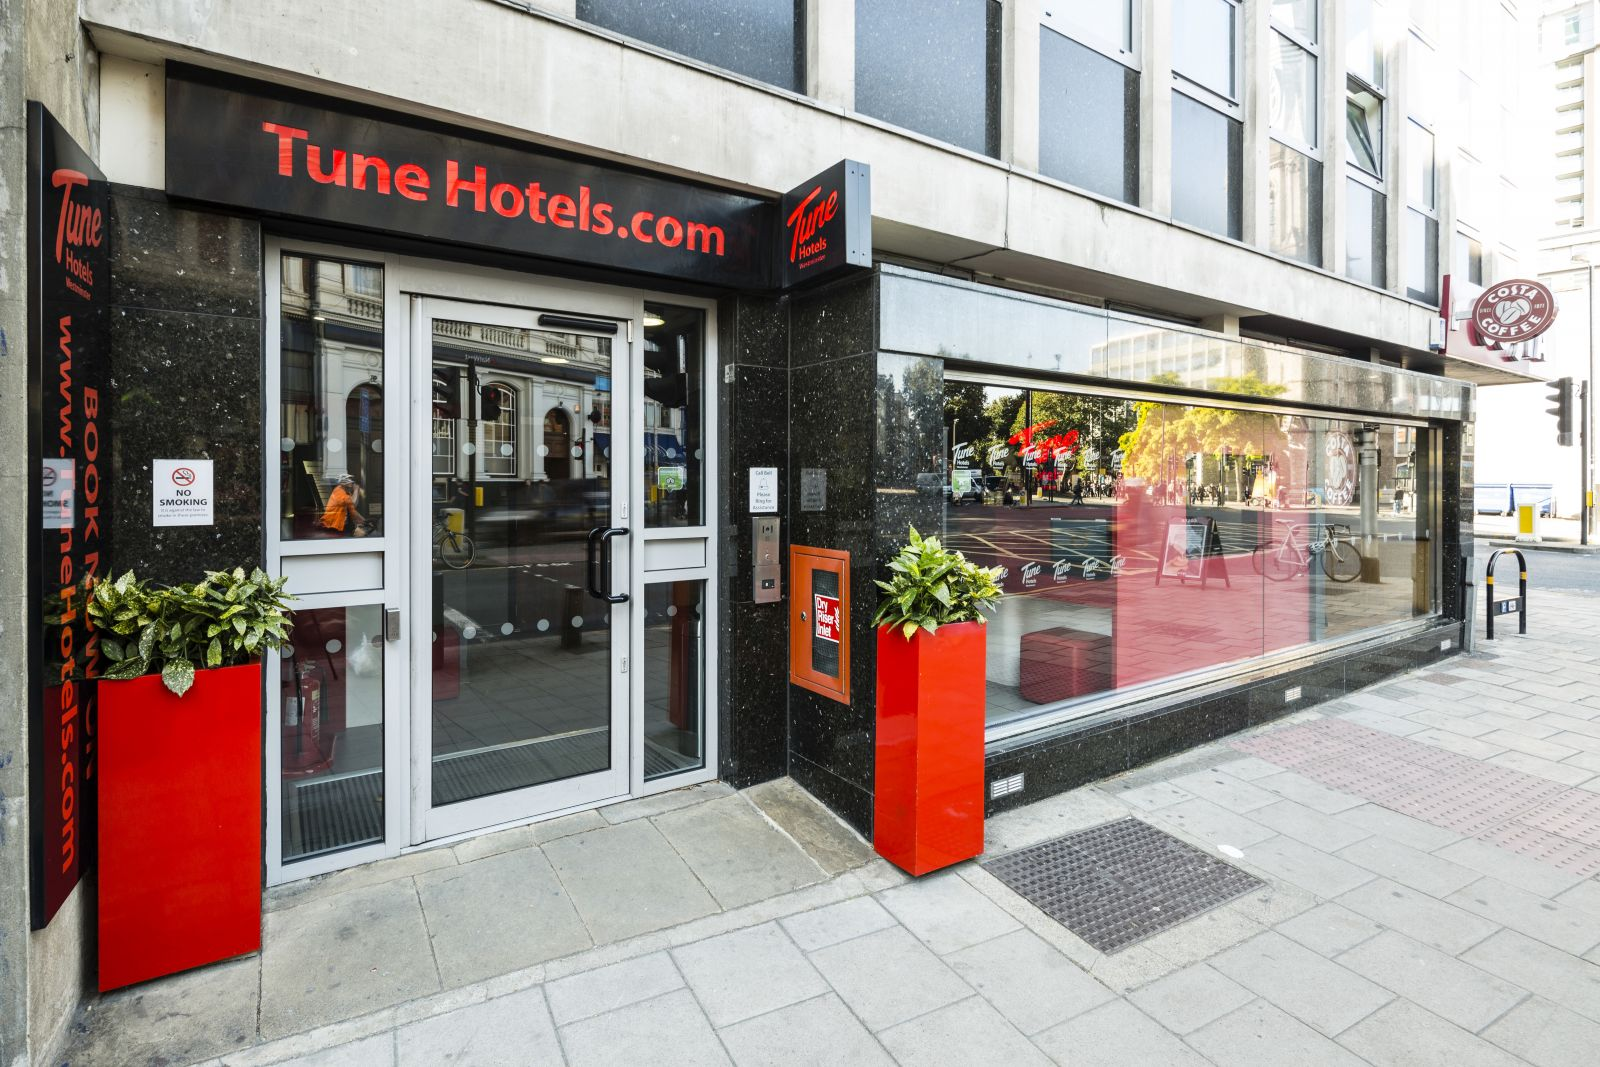 Tune Hotel - TripTide